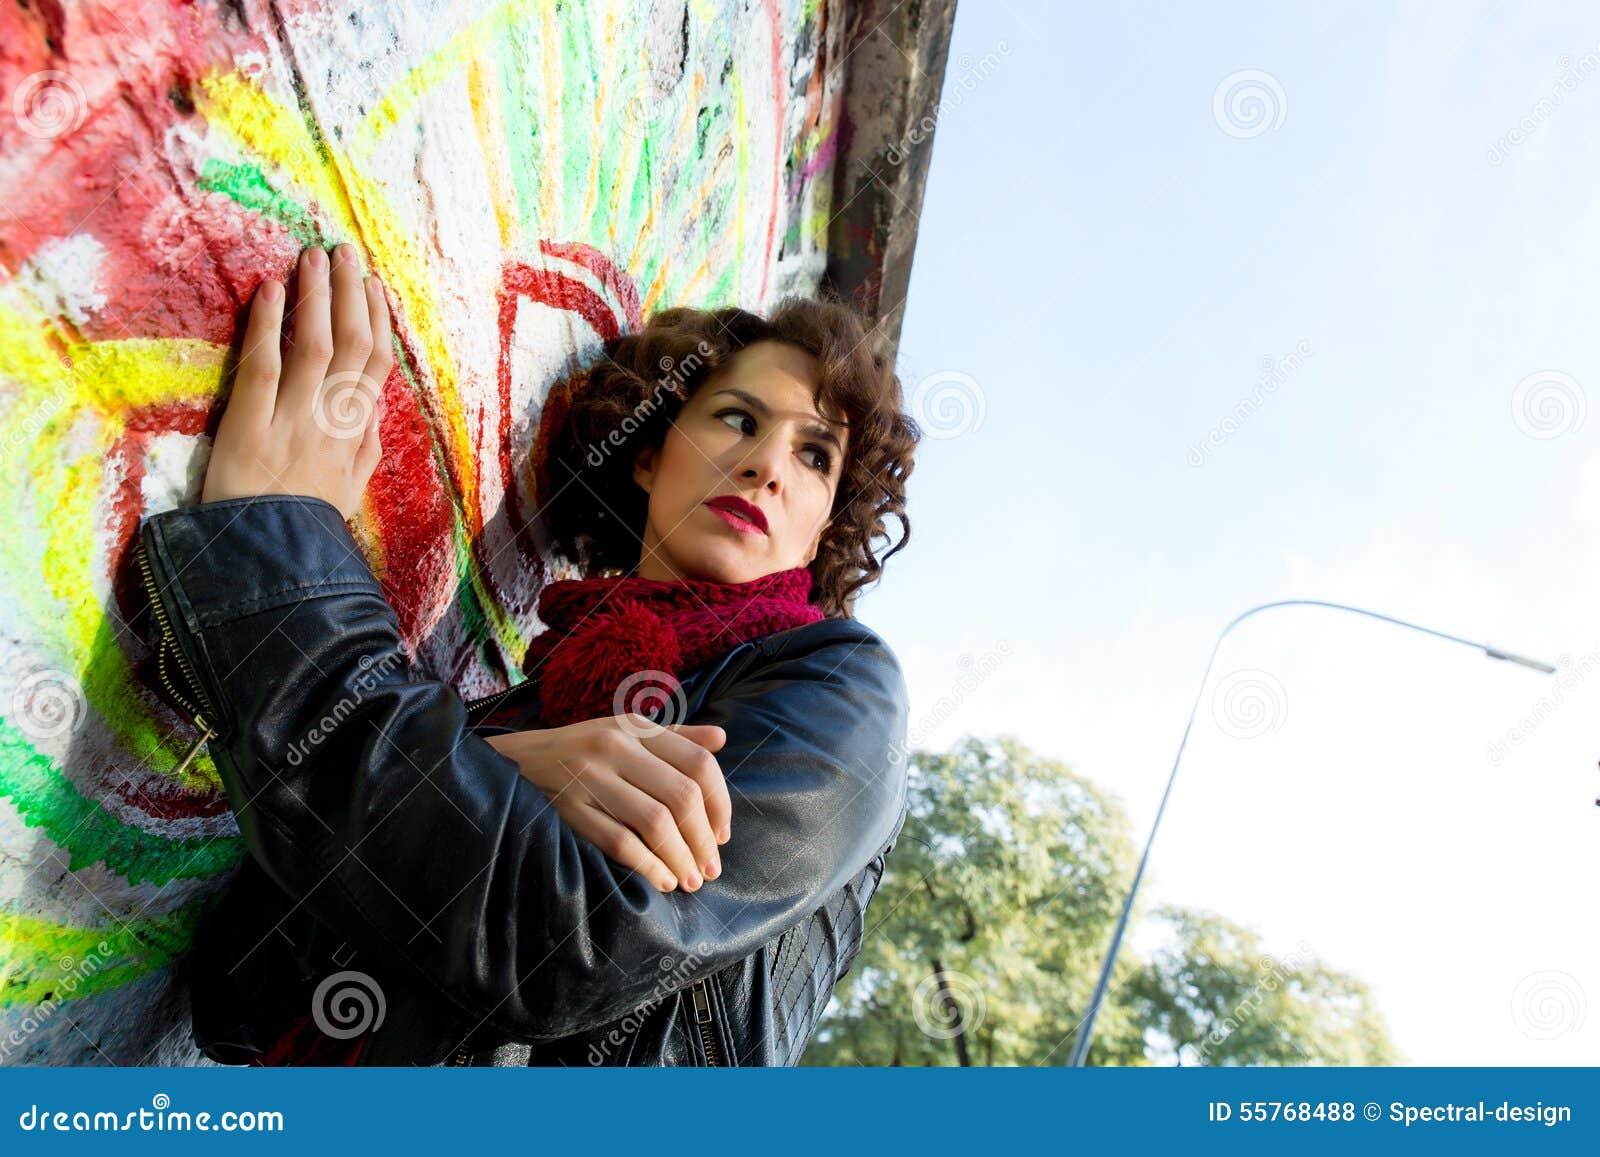 Piękna kobieta pozuje z graffiti głową